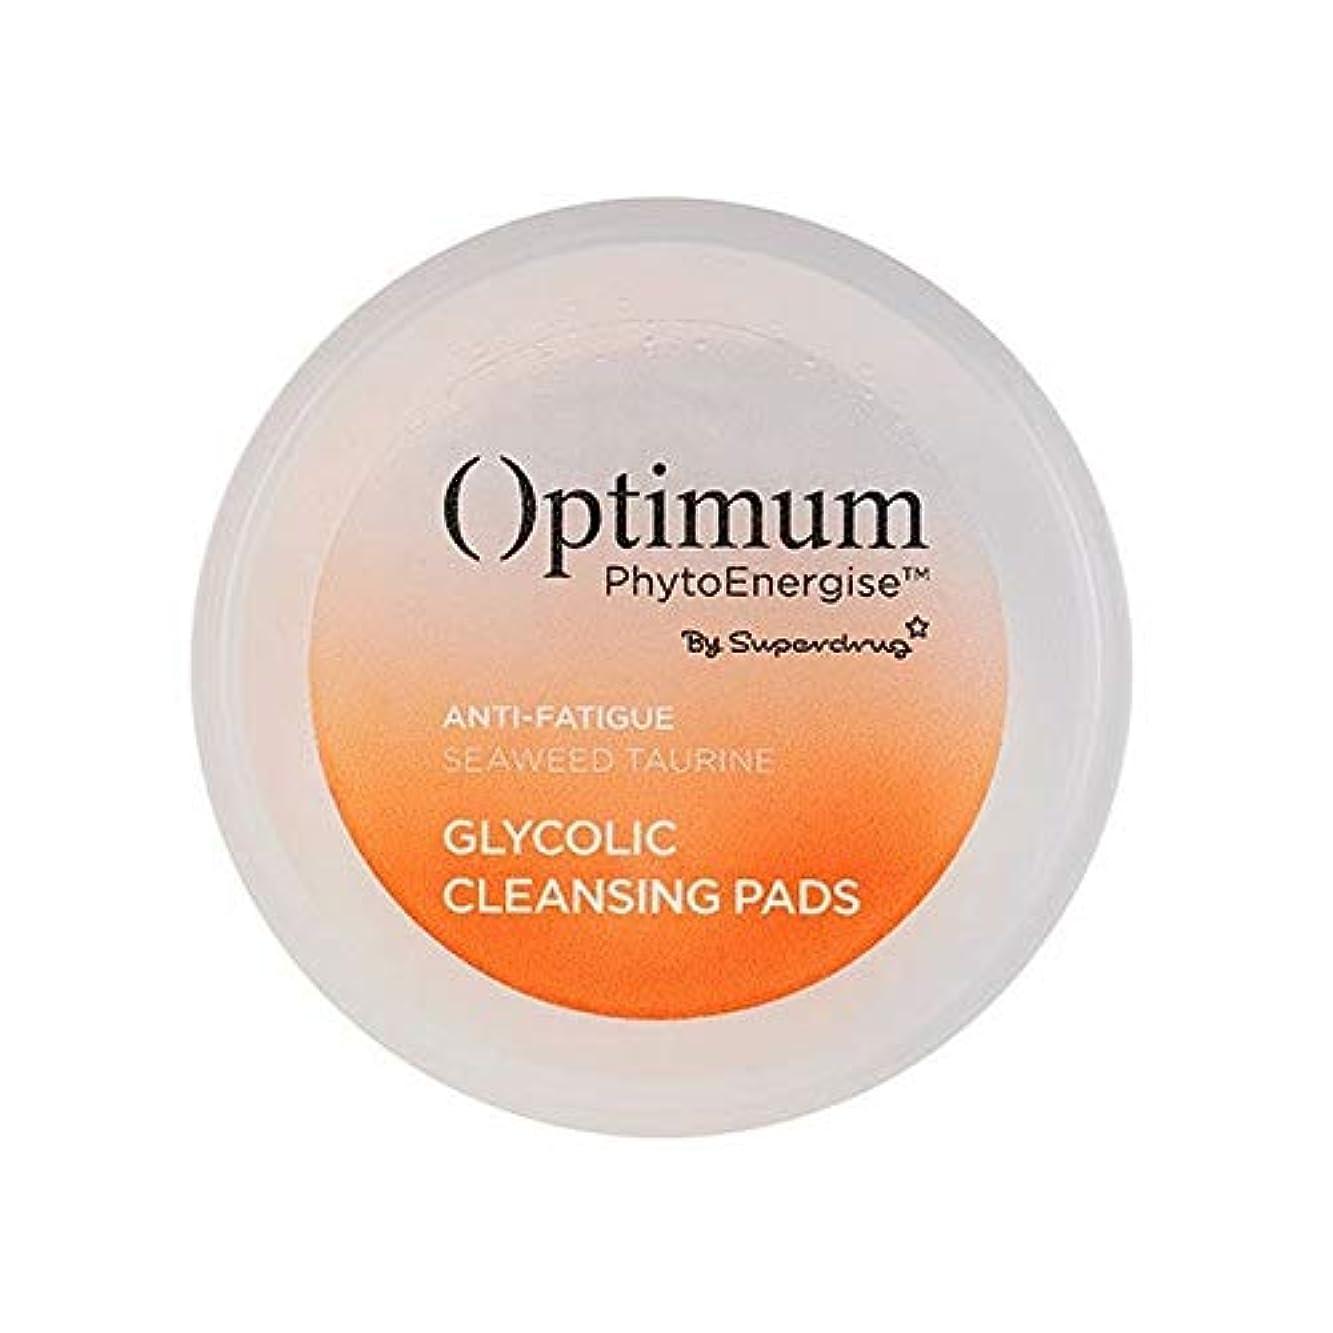 空の俳句プライム[Optimum ] 最適Phytoenergiseグリコールクレンジングパッド - Optimum PhytoEnergise Glycolic Cleansing Pads [並行輸入品]